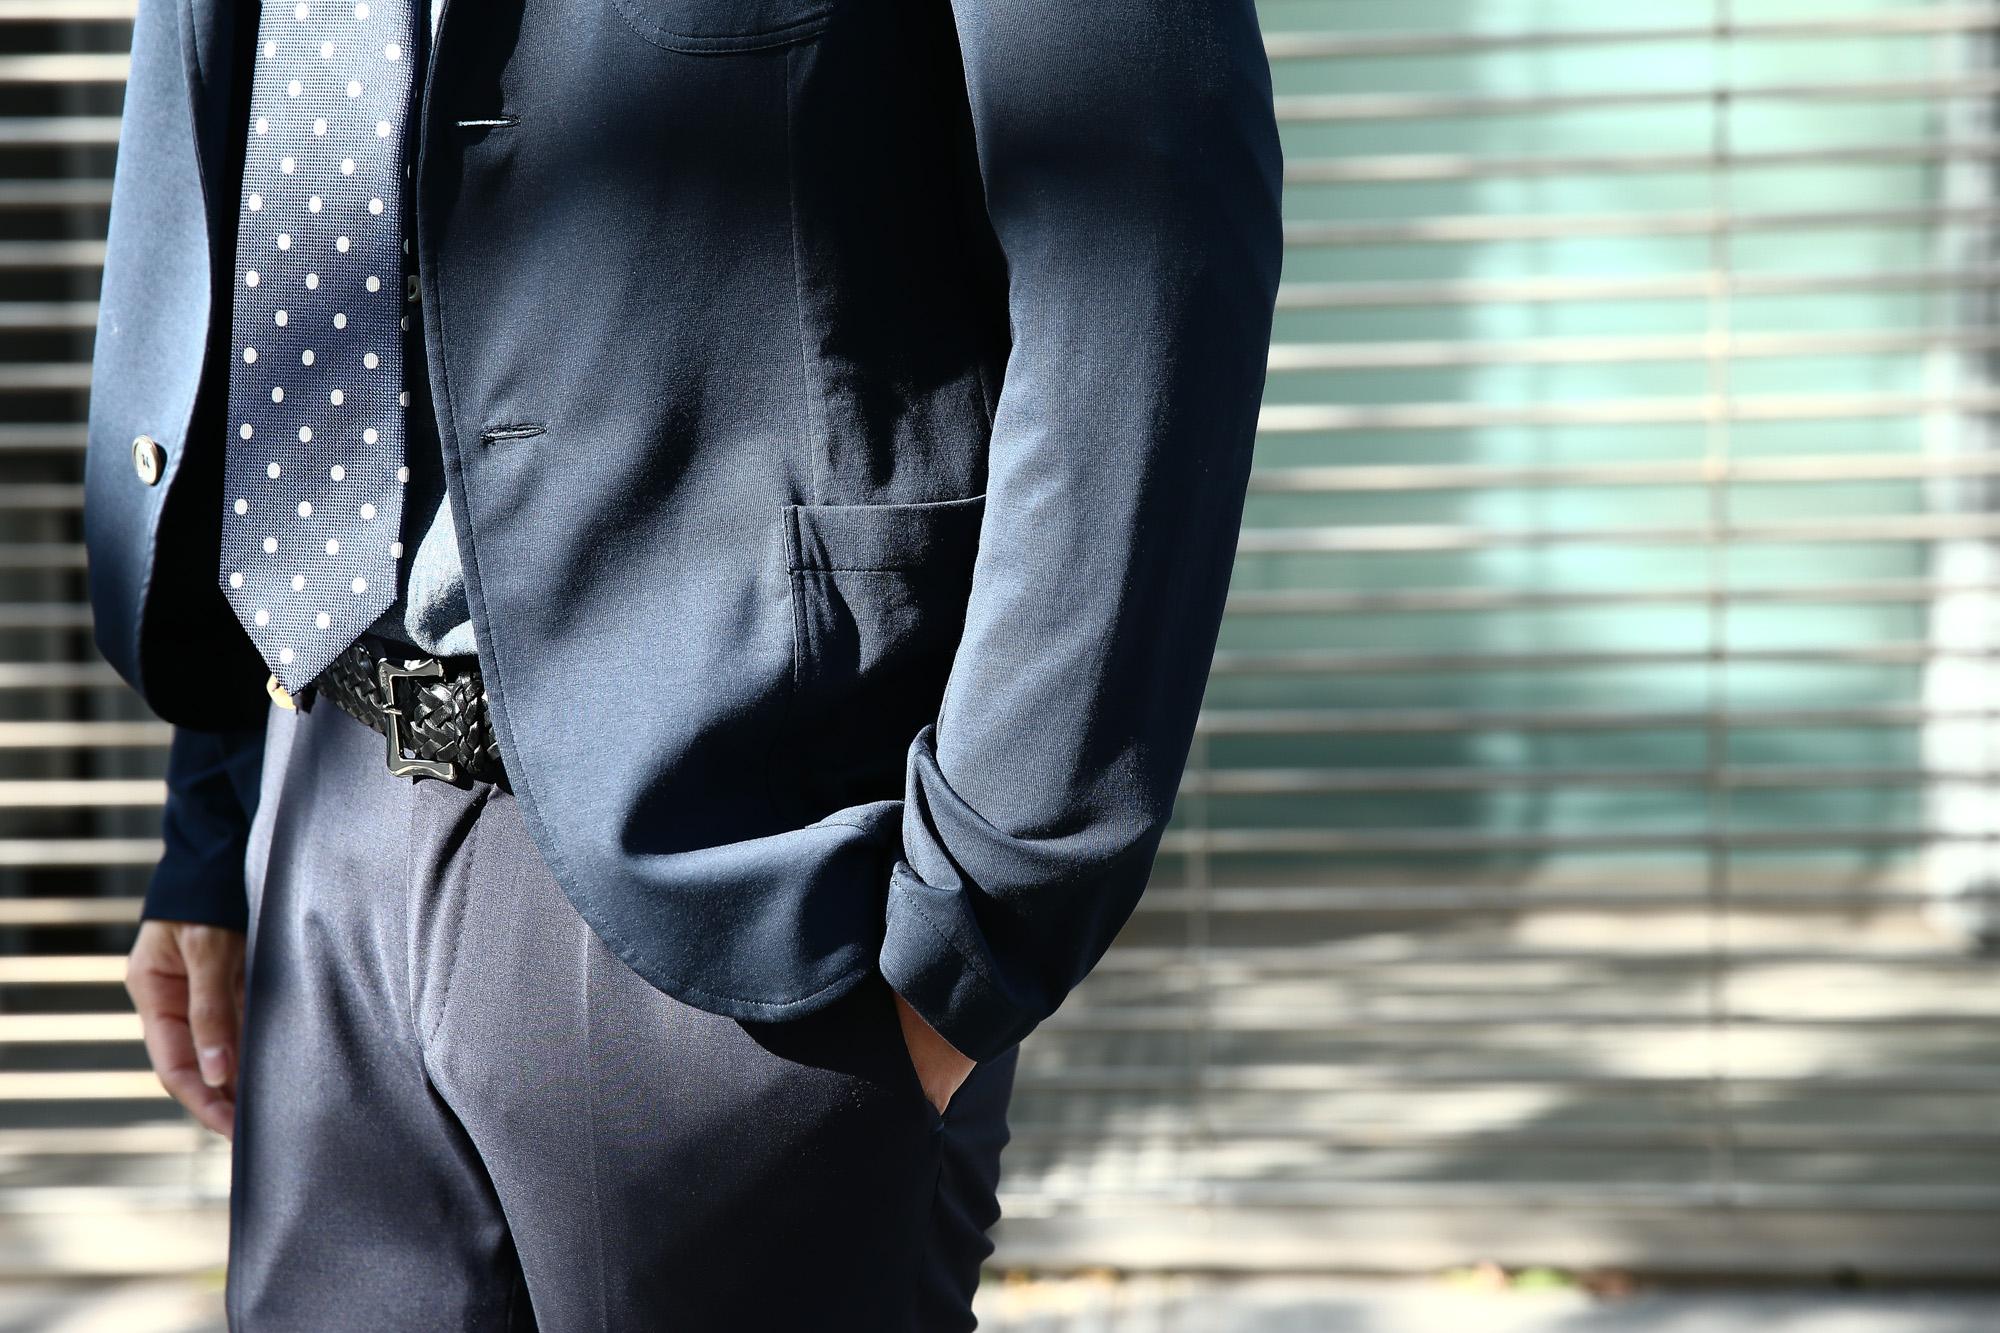 Cruciani(クルチアーニ) Cotton Jersey Jacket (コットンジャージージャケット) Micro Smooth Cotton マイクロスムースコットン ニット ジャケット NAVY (ネイビー・10973) made in italy (イタリア製) 2018 春夏新作 愛知 名古屋 ZODIAC ゾディアック cruciani クルチアーニ  44,46,48,50,52,54